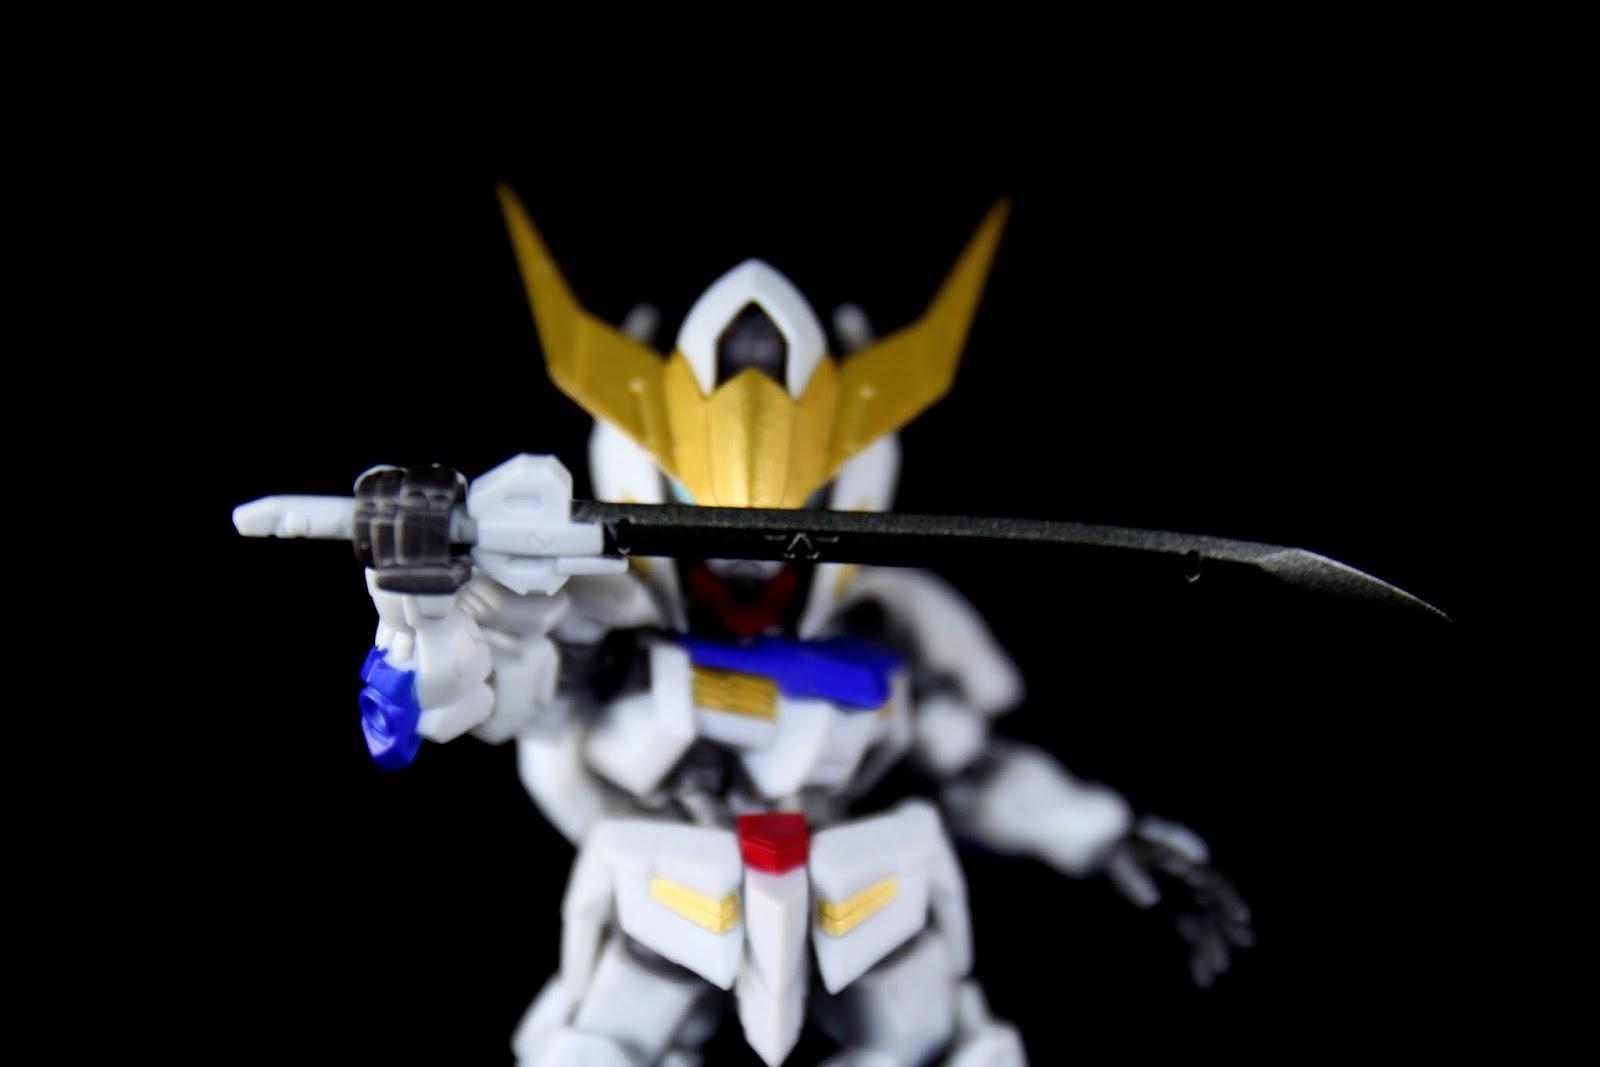 另一個武器是武士刀